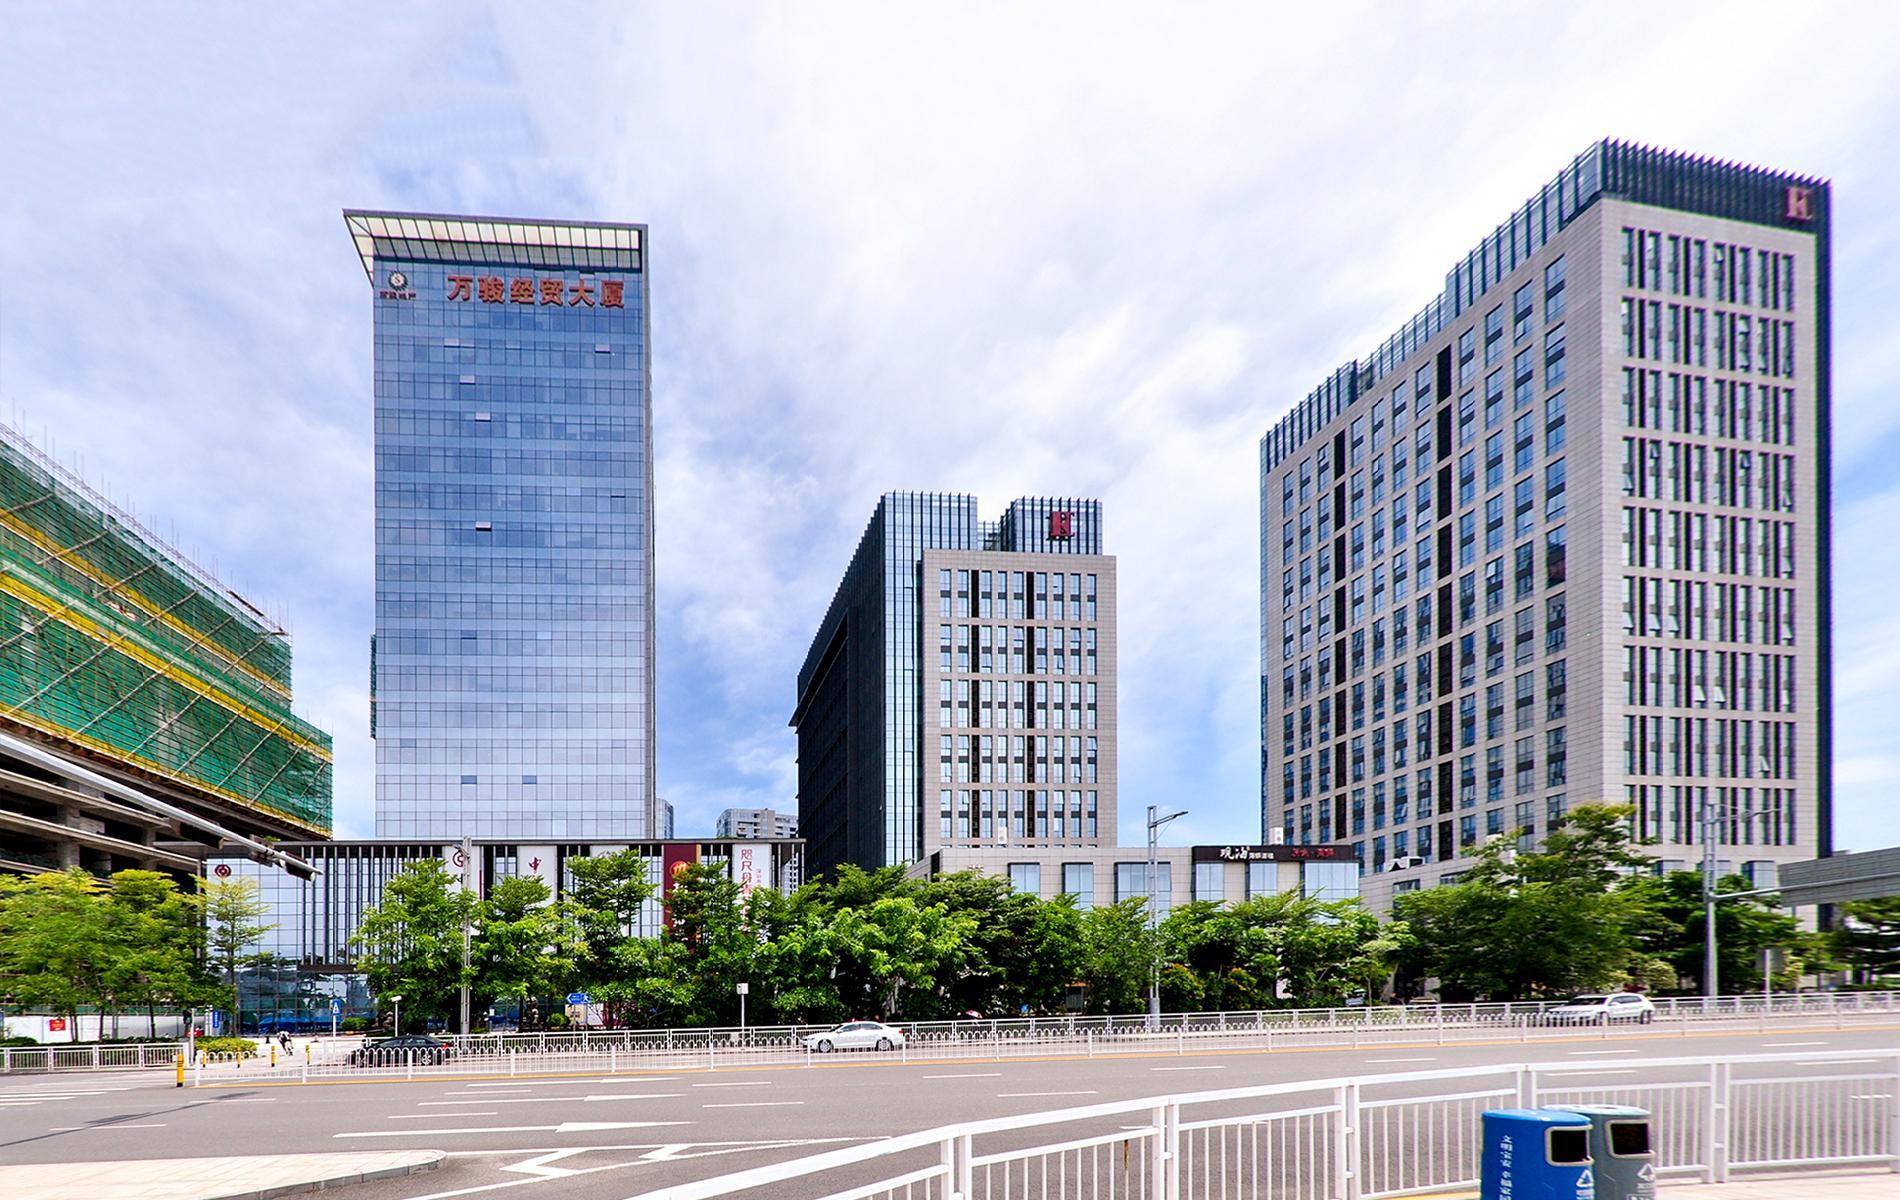 荣超滨海大厦写字楼出租/招租/租赁,荣超滨海大厦办公室出租/招租/租赁